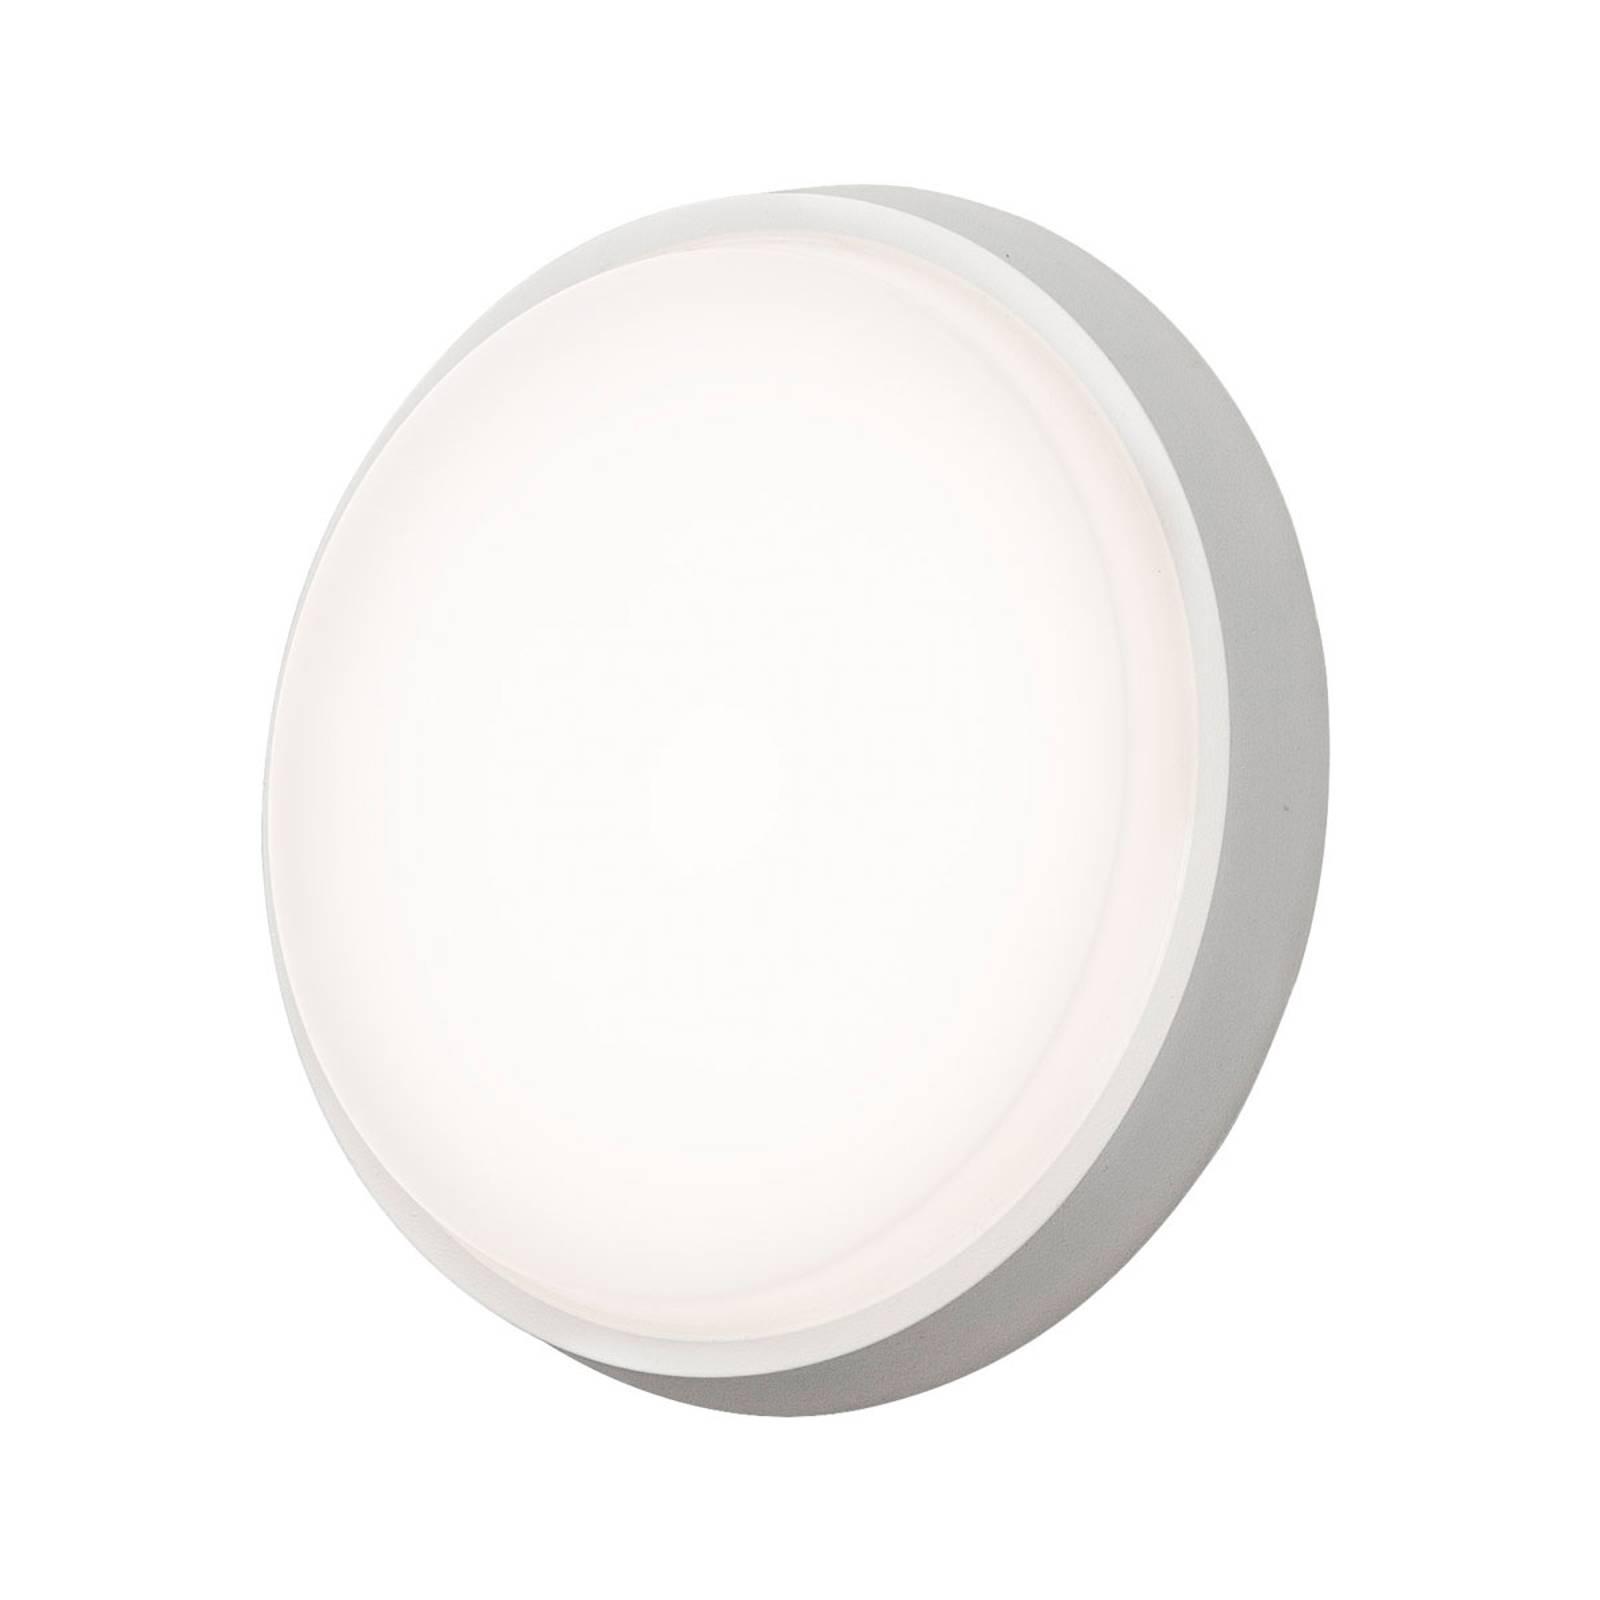 LED-ulkoseinälamppu Cesena, pyöreä